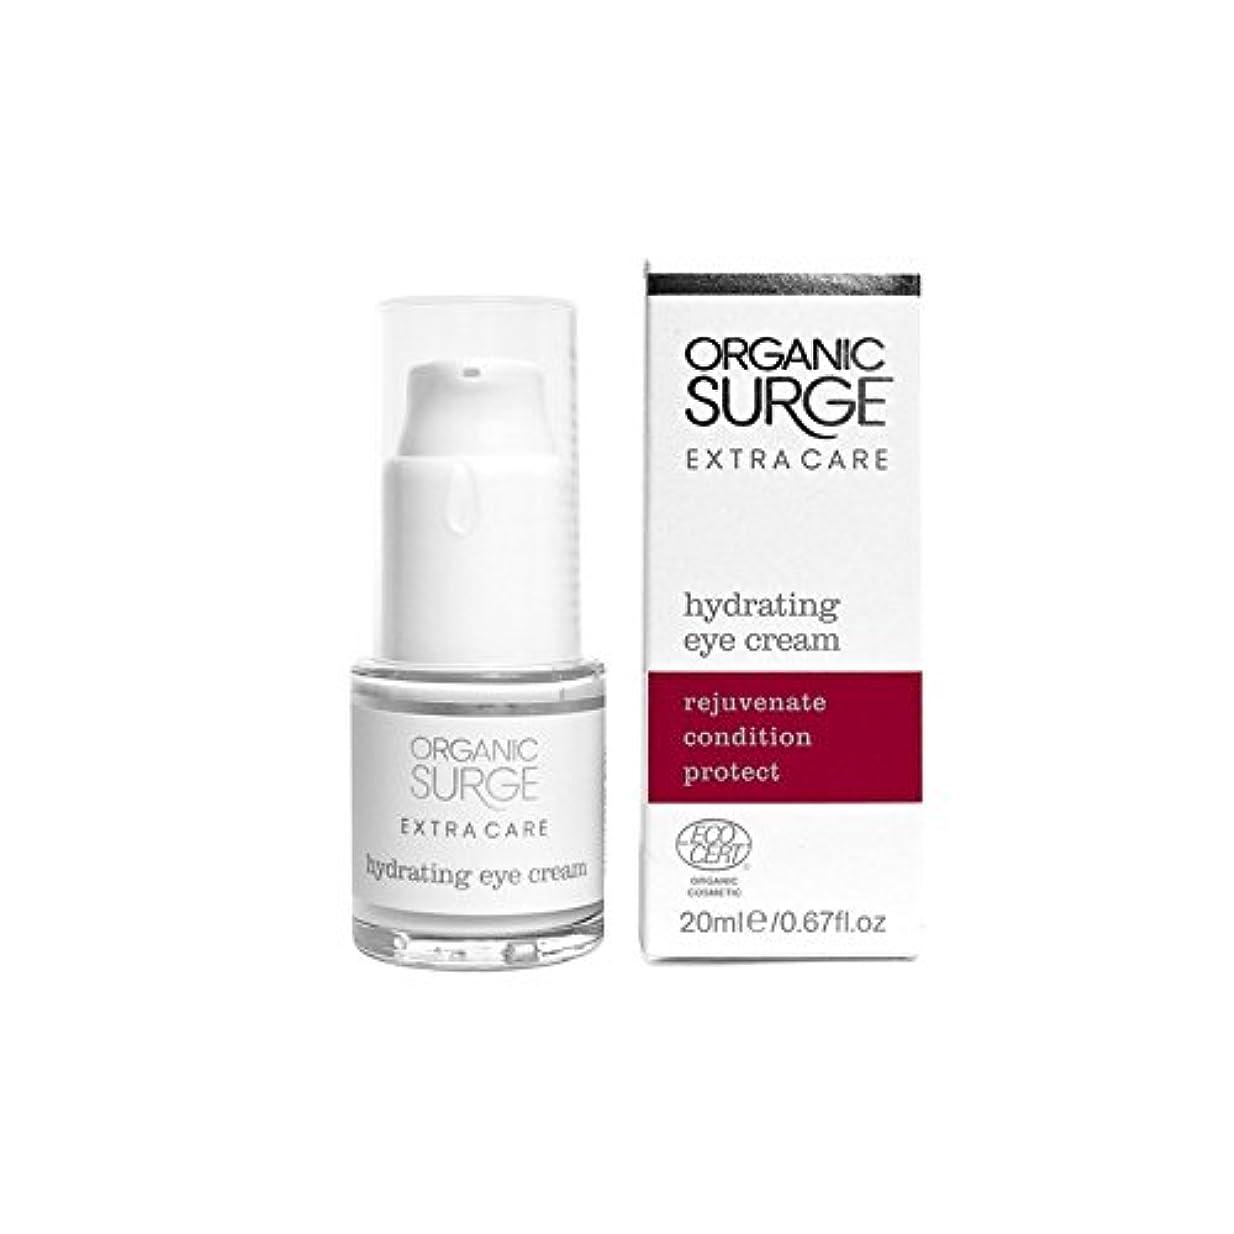 水銀の帰るソロ有機サージエクストラケア水和アイクリーム(20ミリリットル) x2 - Organic Surge Extra Care Hydrating Eye Cream (20ml) (Pack of 2) [並行輸入品]